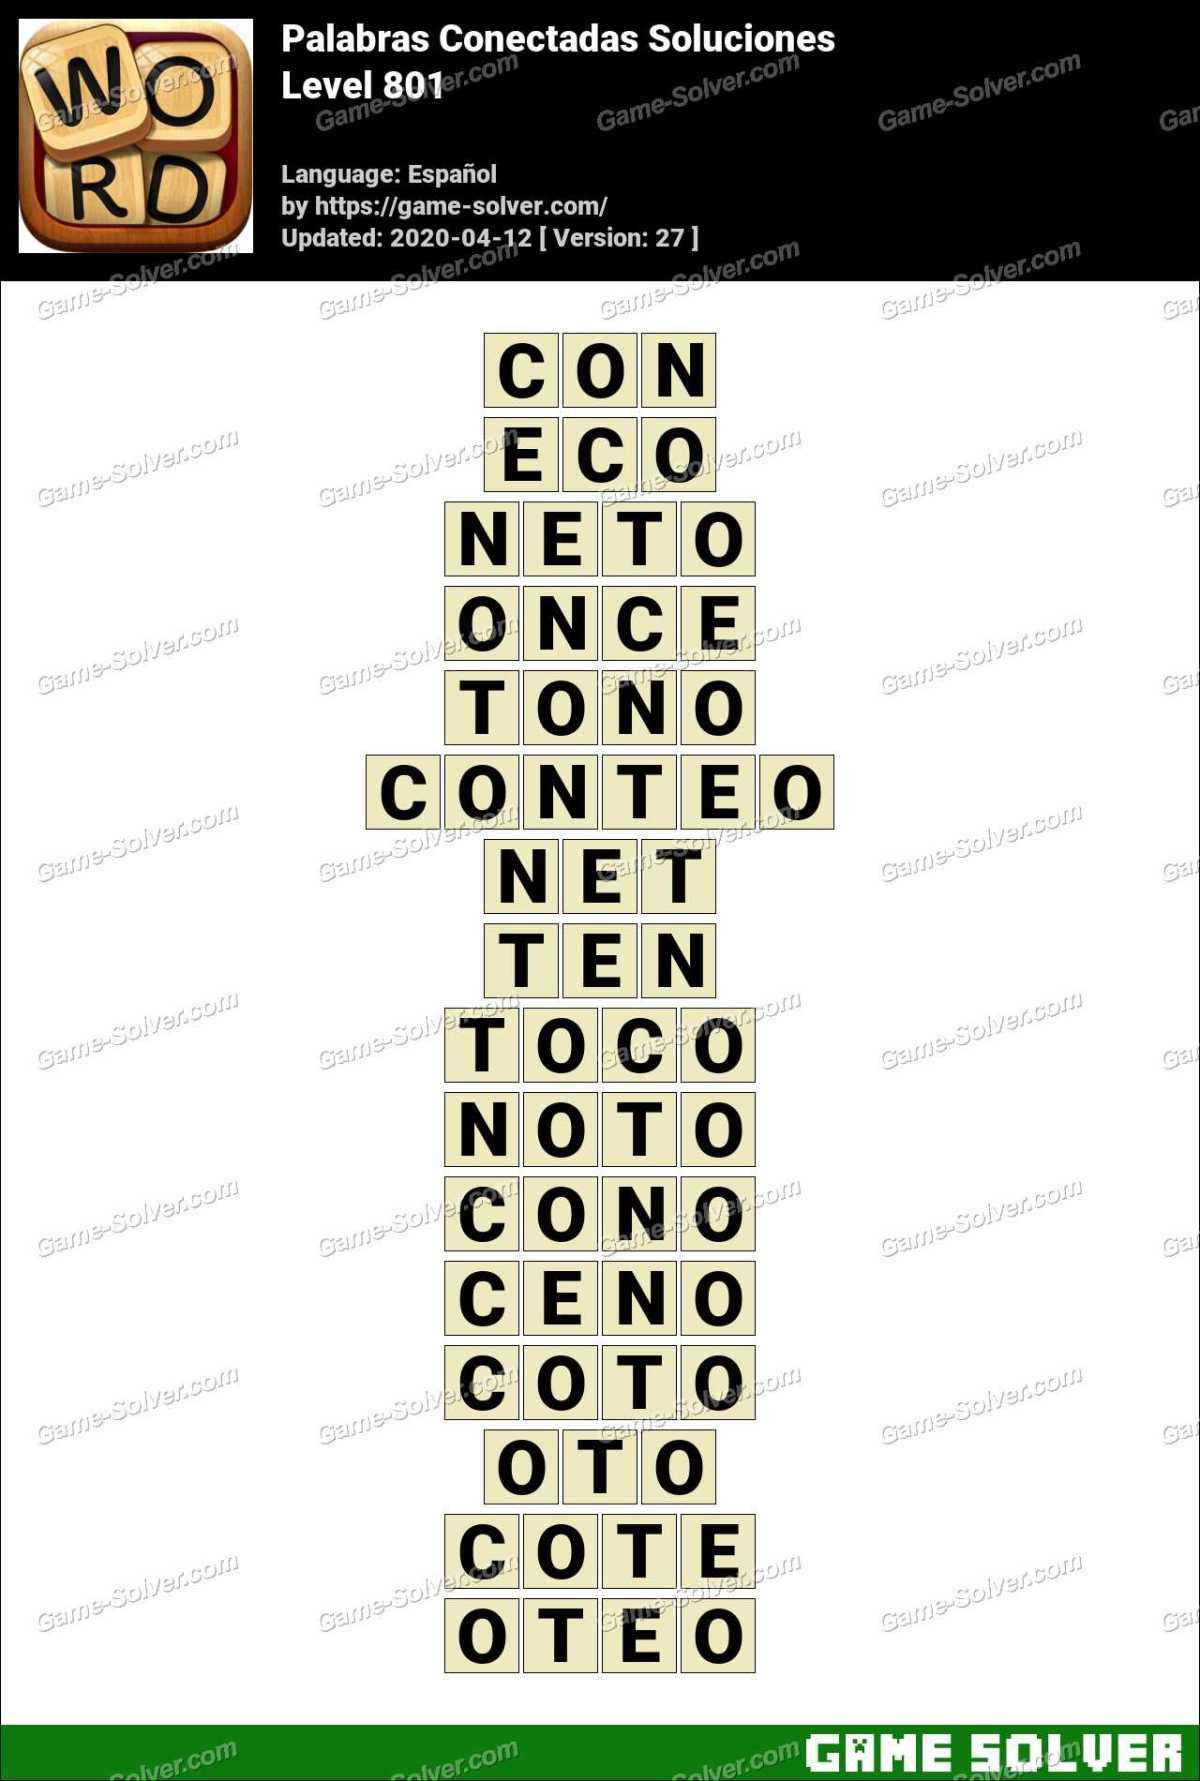 Palabras Conectadas Nivel 801 Soluciones